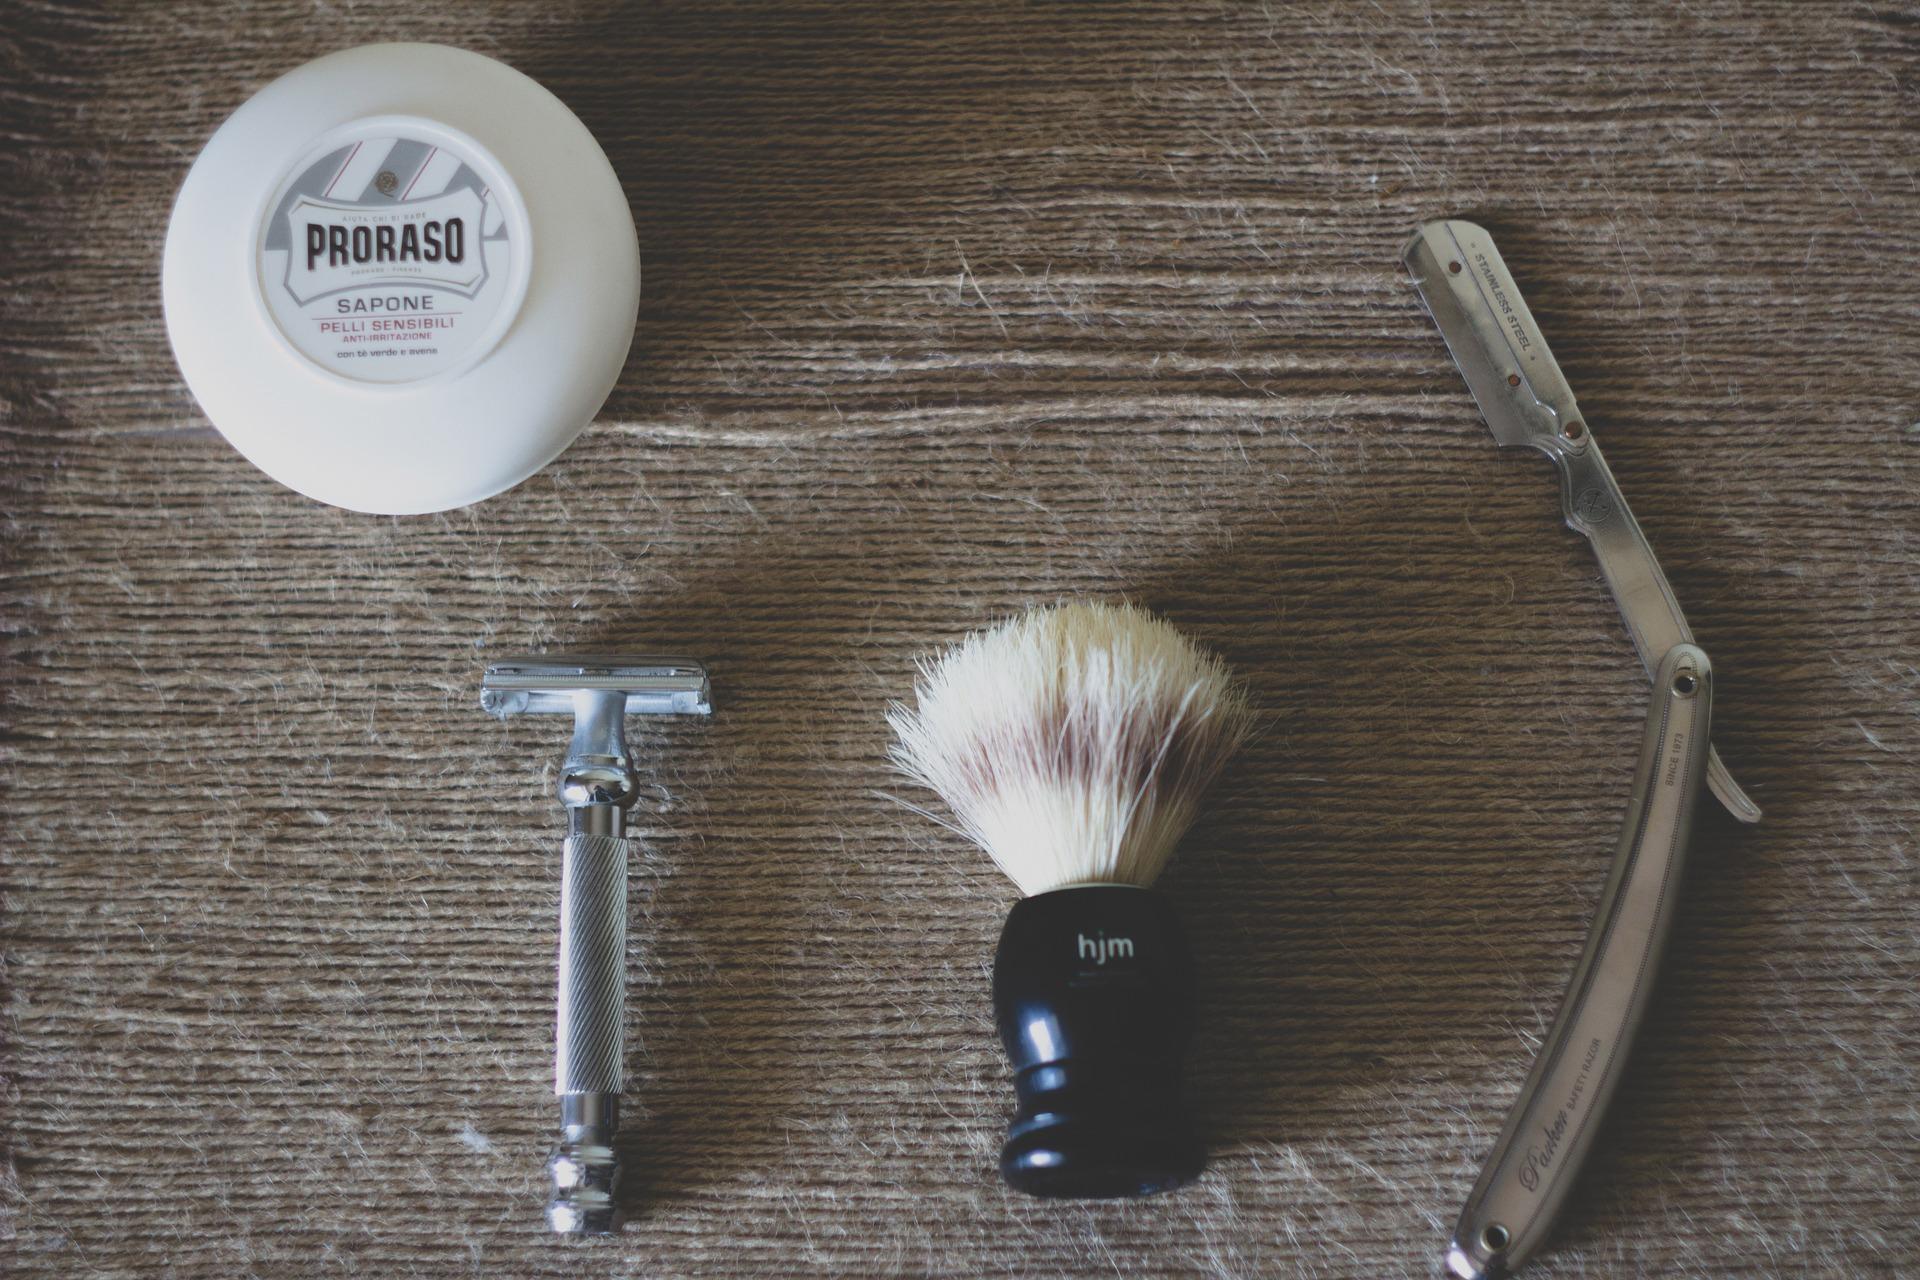 Navalha ao lado de pincel e demais acessórios para barbear